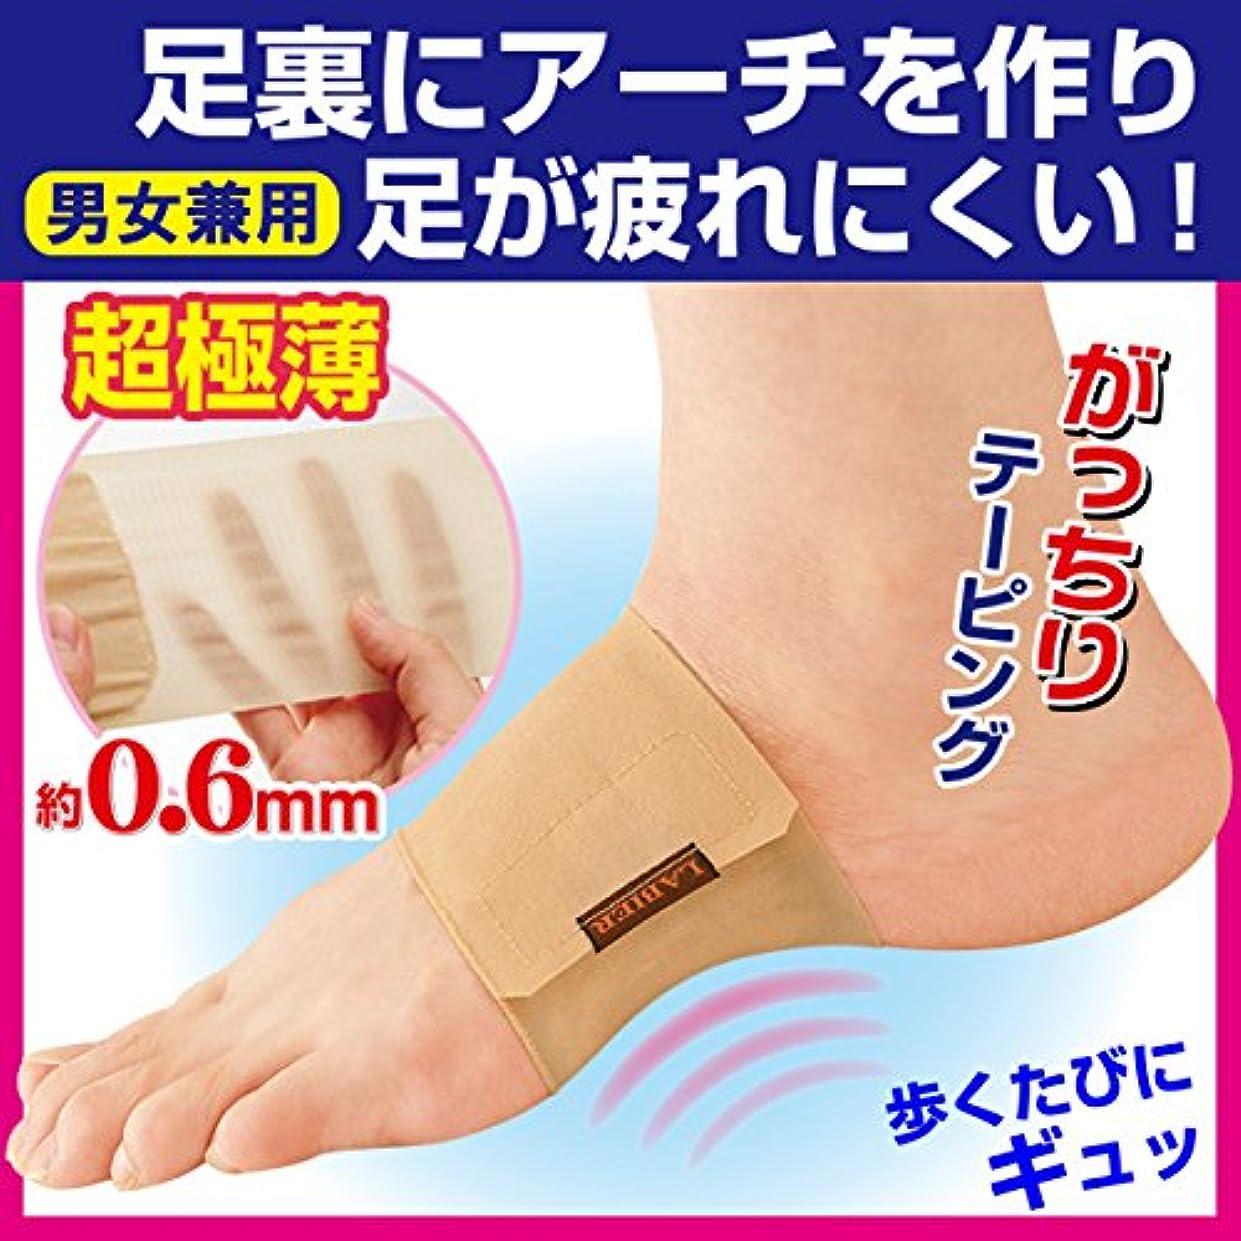 軽セラフ解明する超薄型足裏テーピングサポーター【2枚組】 (L)